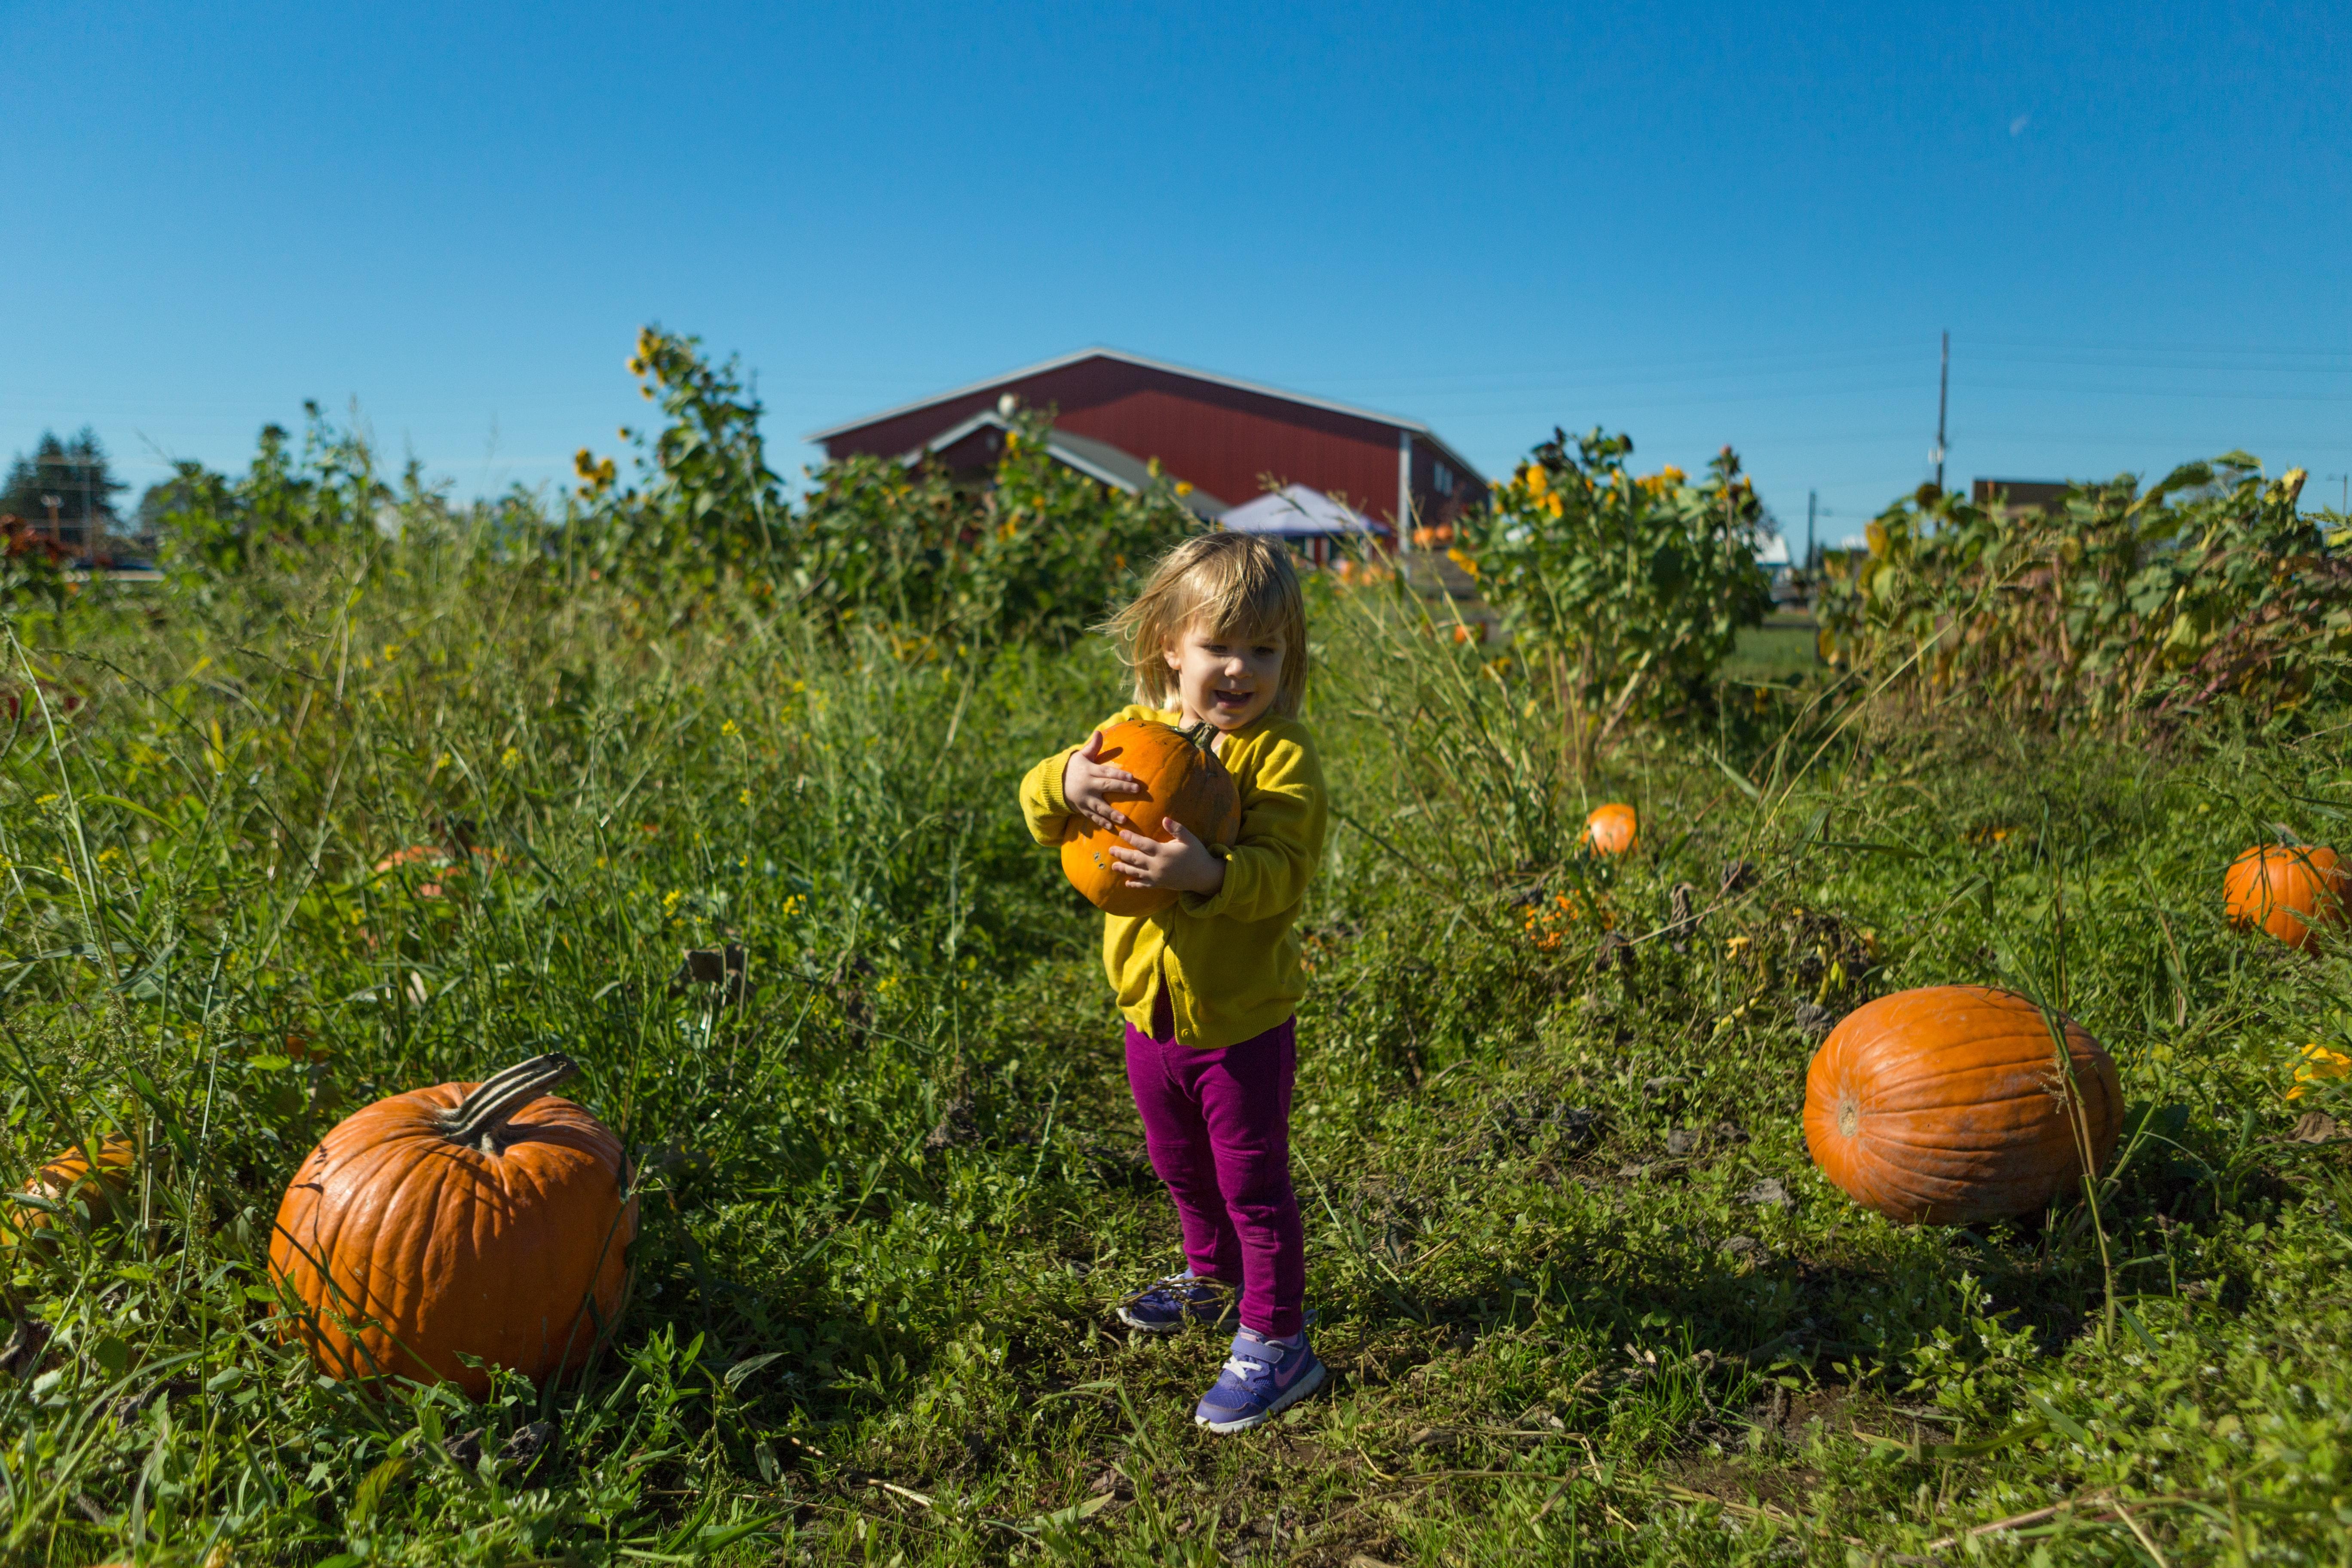 Little girl at a pumpkin patch